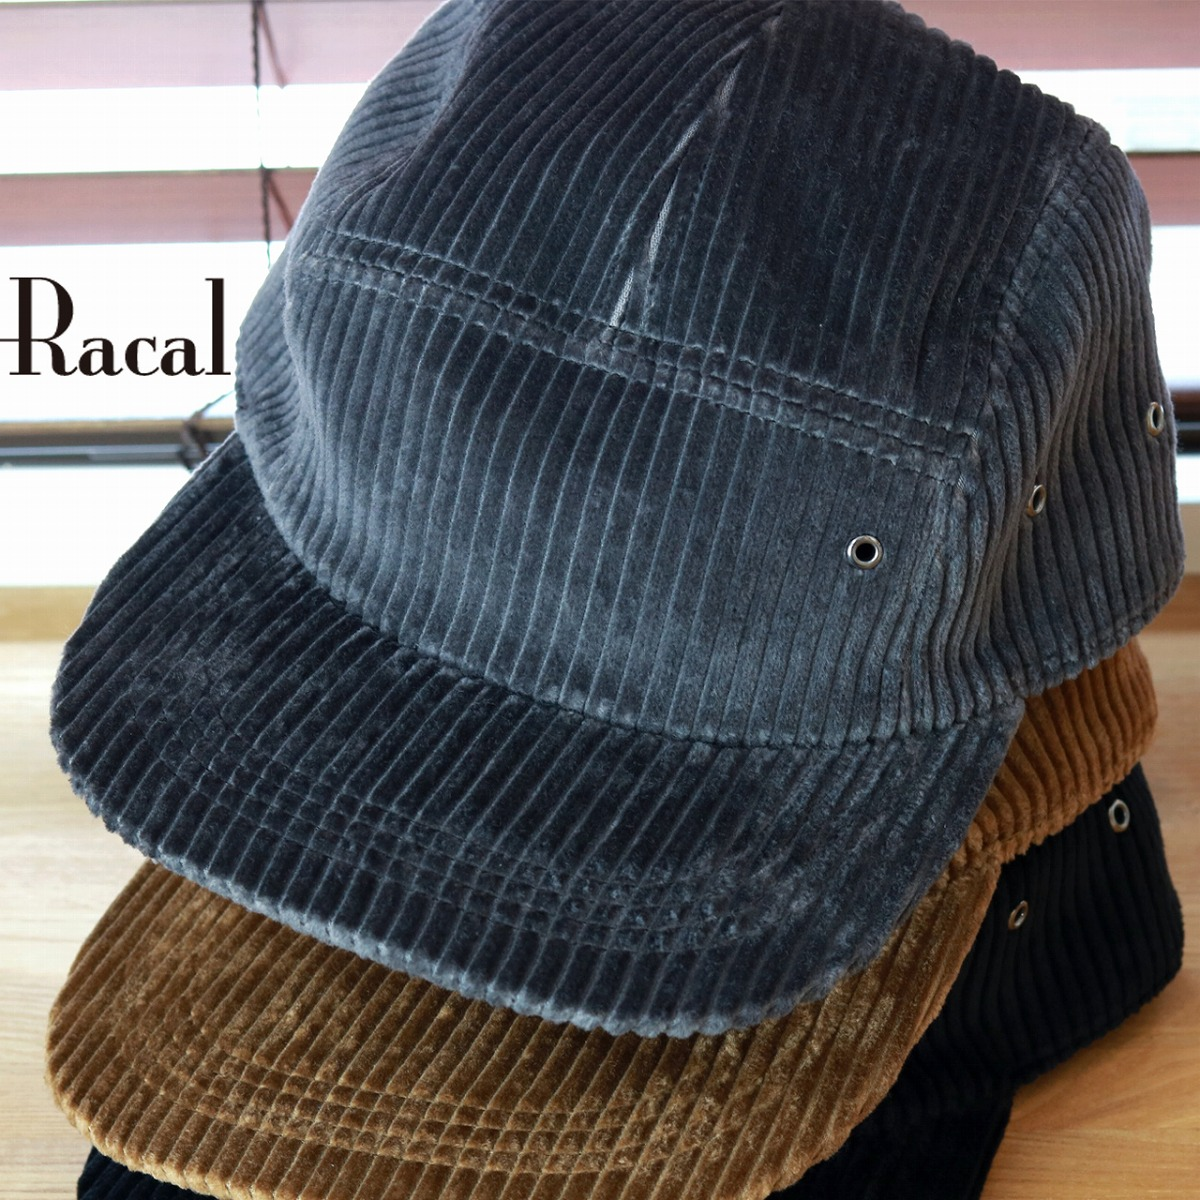 2fc74b52ce18a racal kodeyuroirakaru秋天冬天人蓋子帽子大人噴氣蓋子條紋太畝棉布100%素色簡單日本製造名牌零碼漂亮的menzukode秋天小東西/ 灰色灰色[cap]